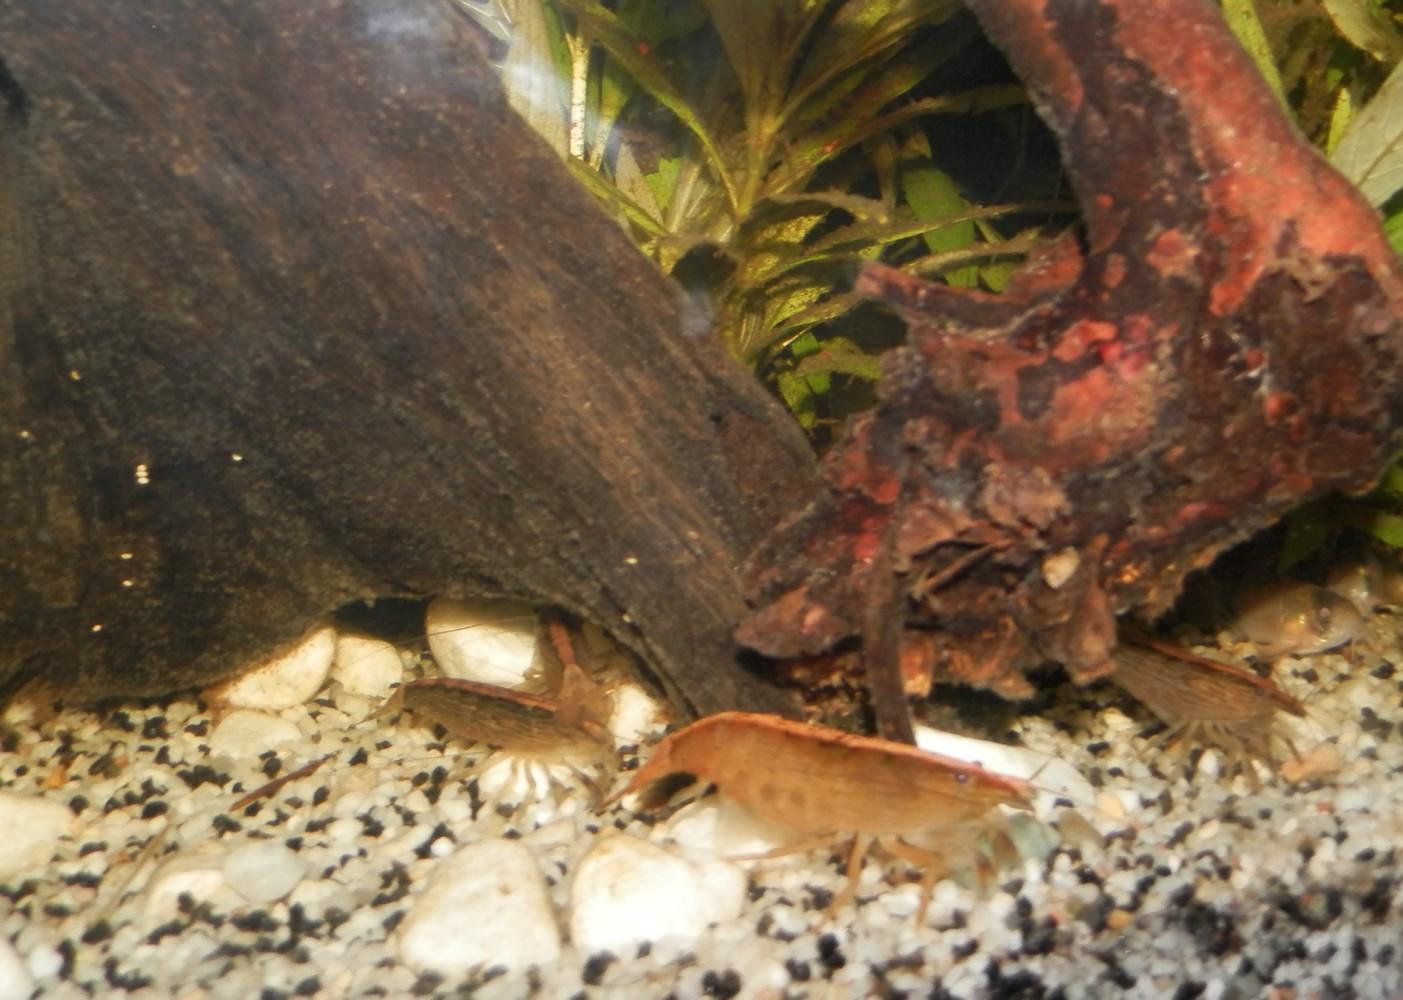 [Présentation] Tous les trous mènent aux crevettes Bambou 3529114834